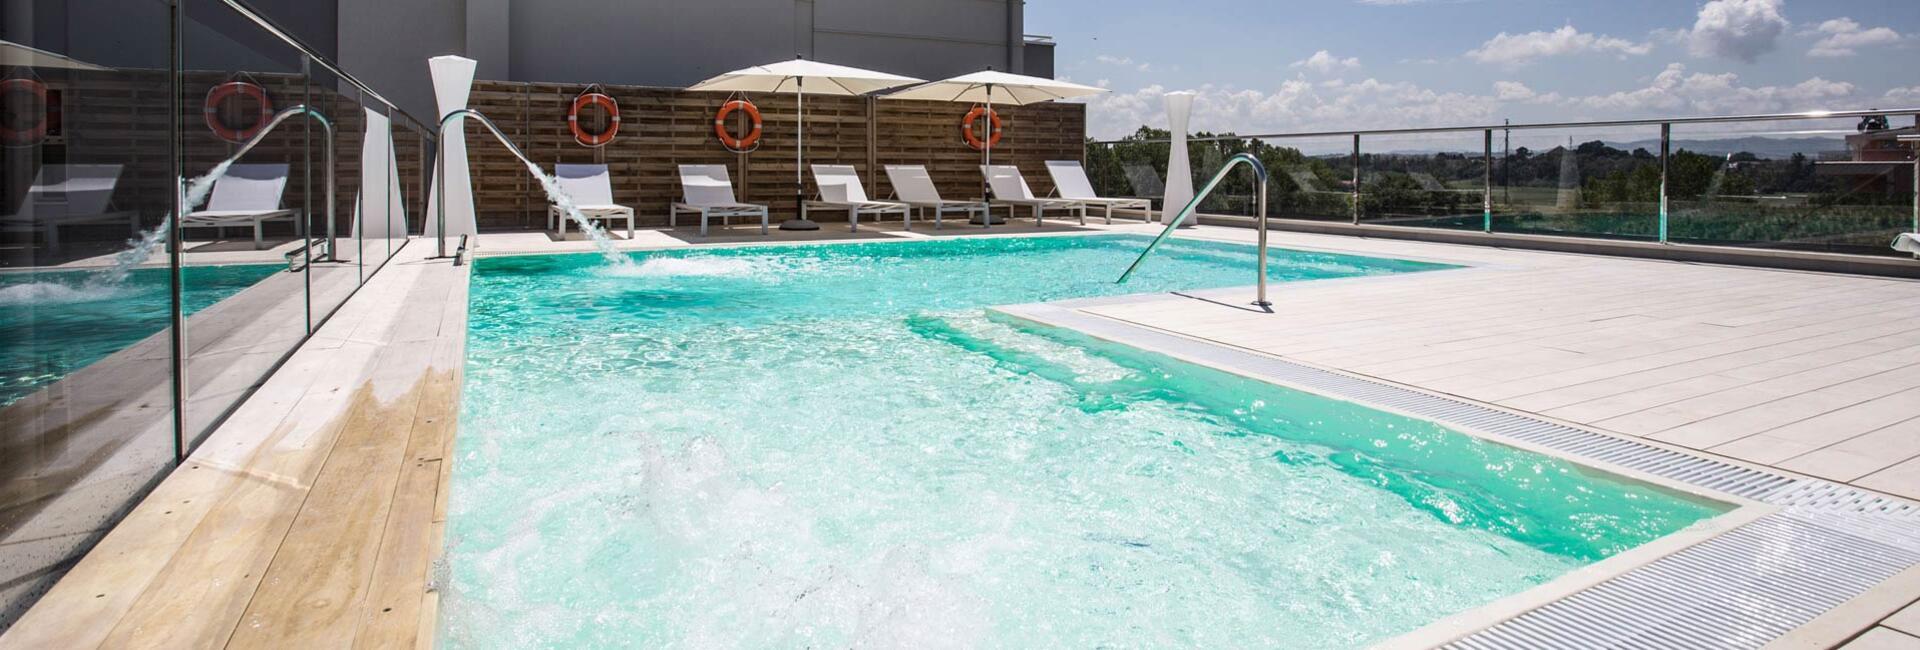 hotelgalamisano fr piscina 002